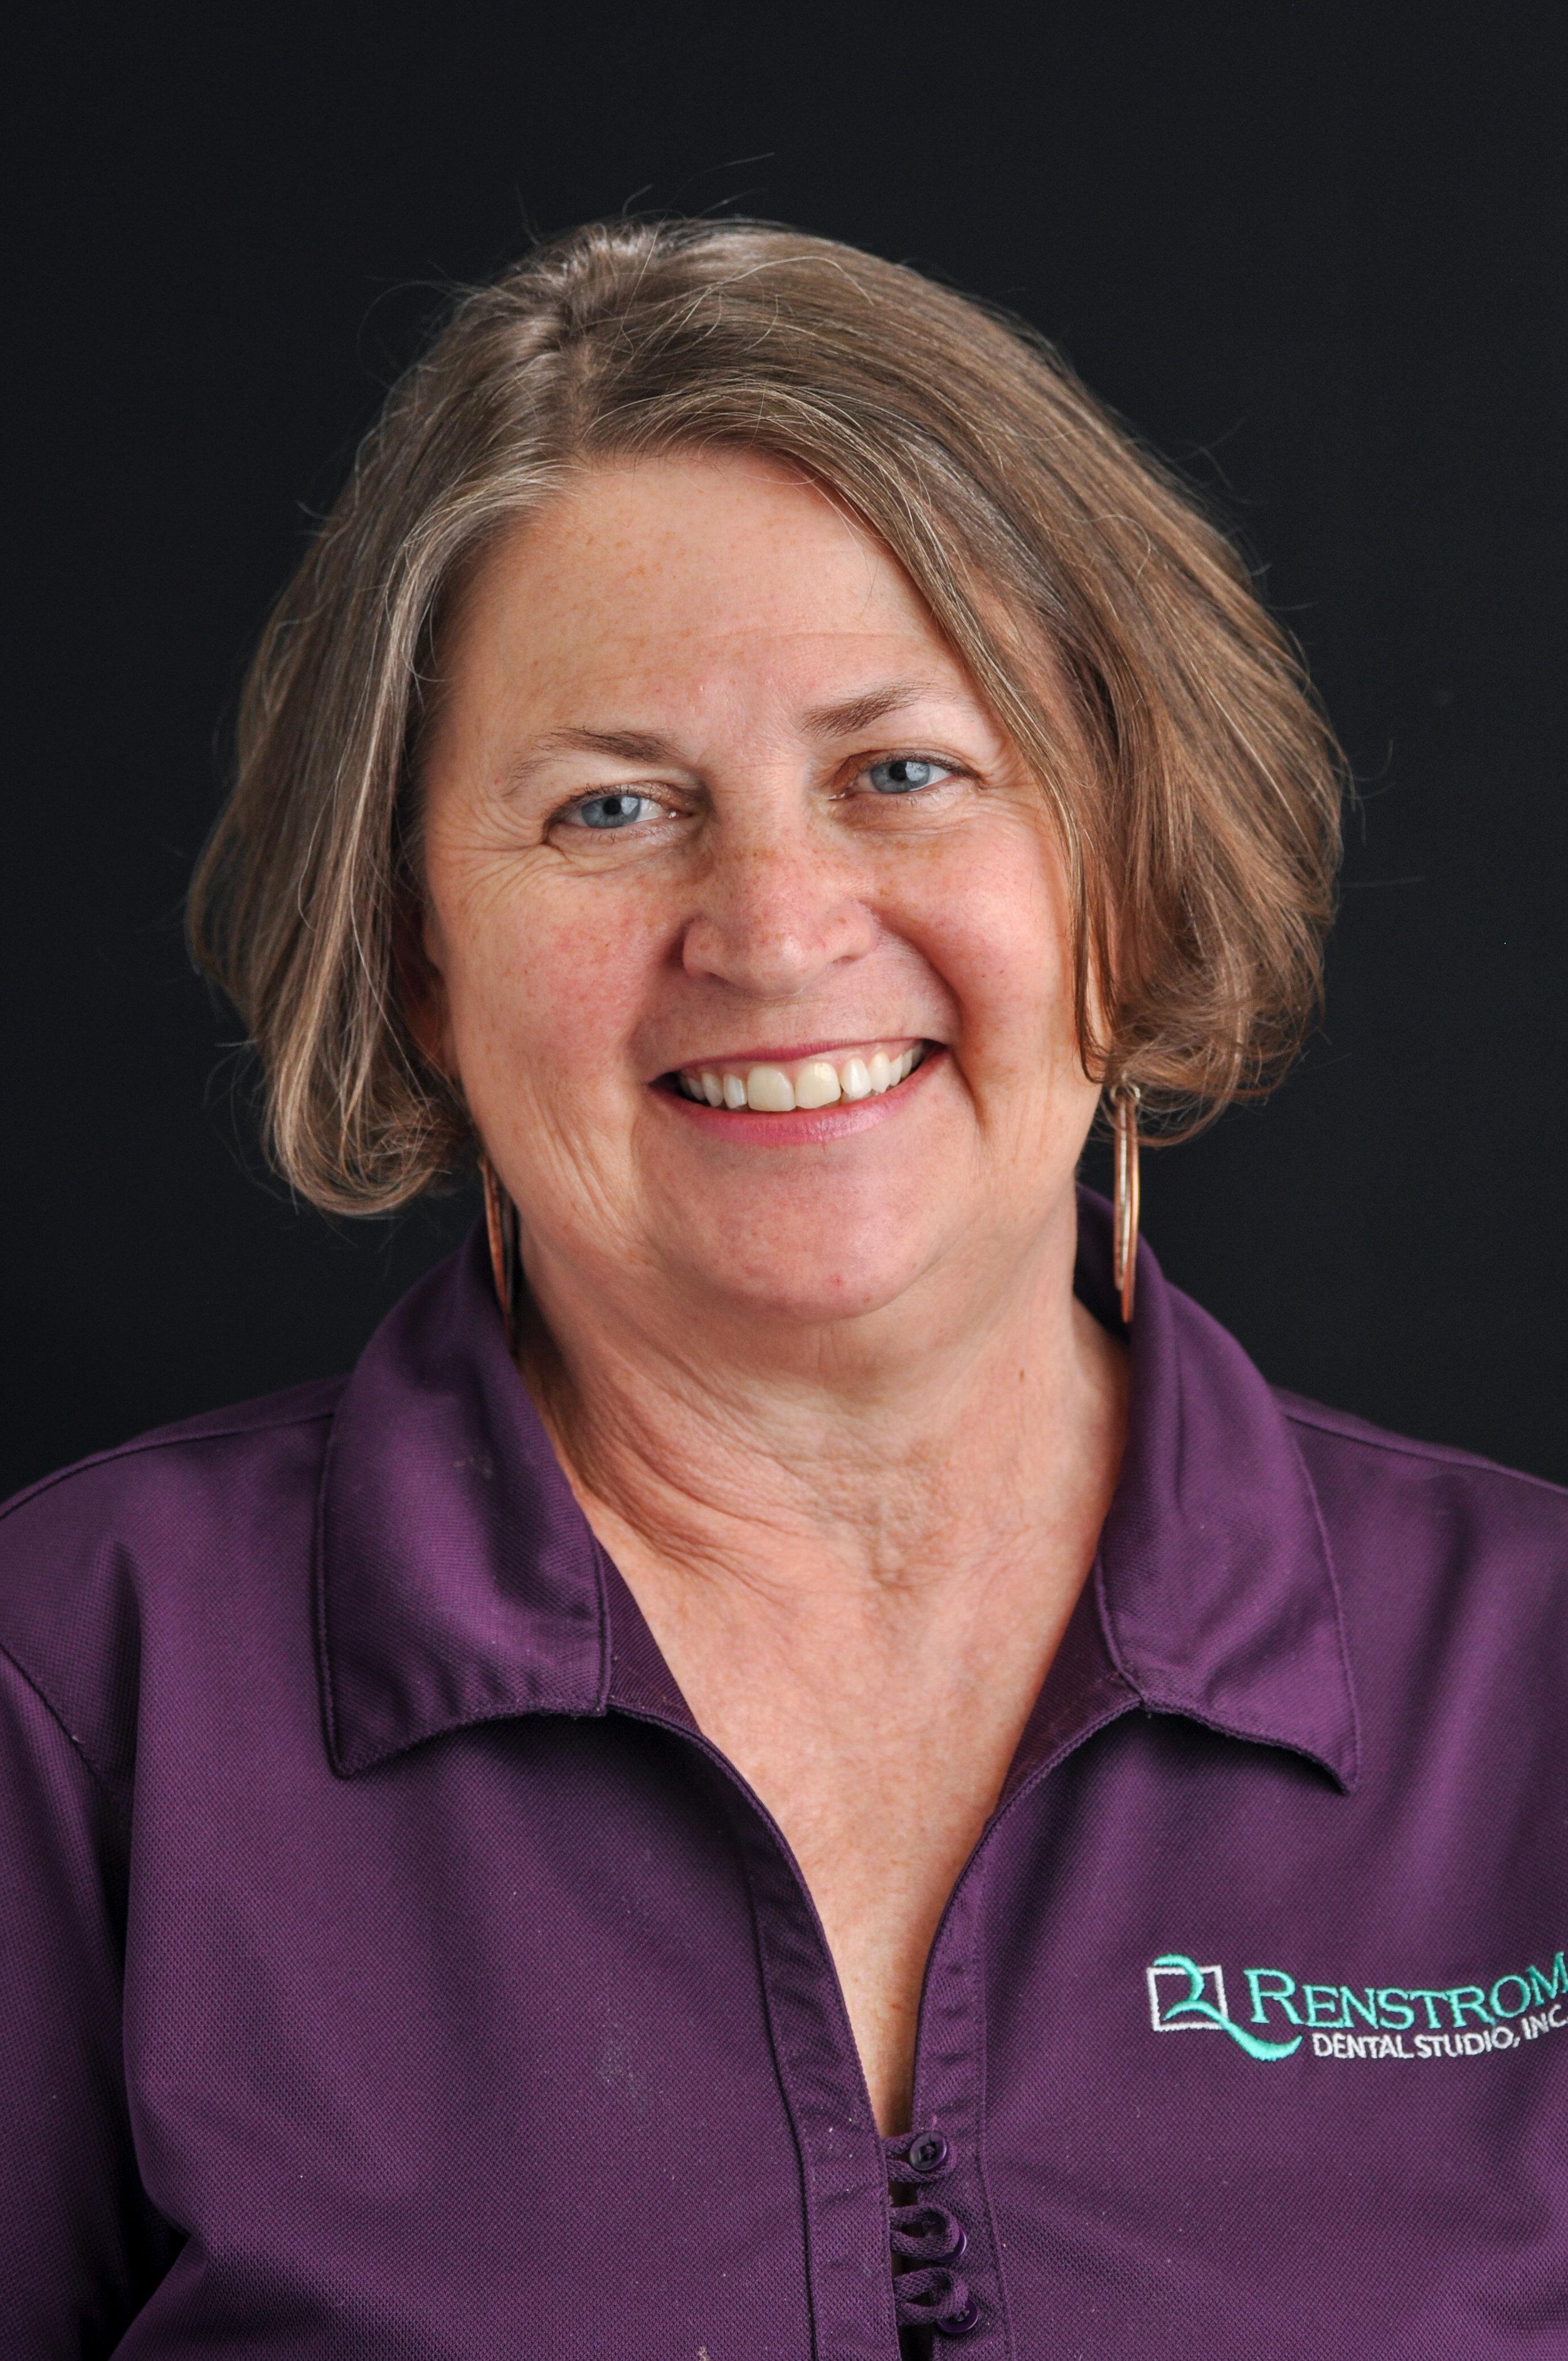 Julie Heimerl